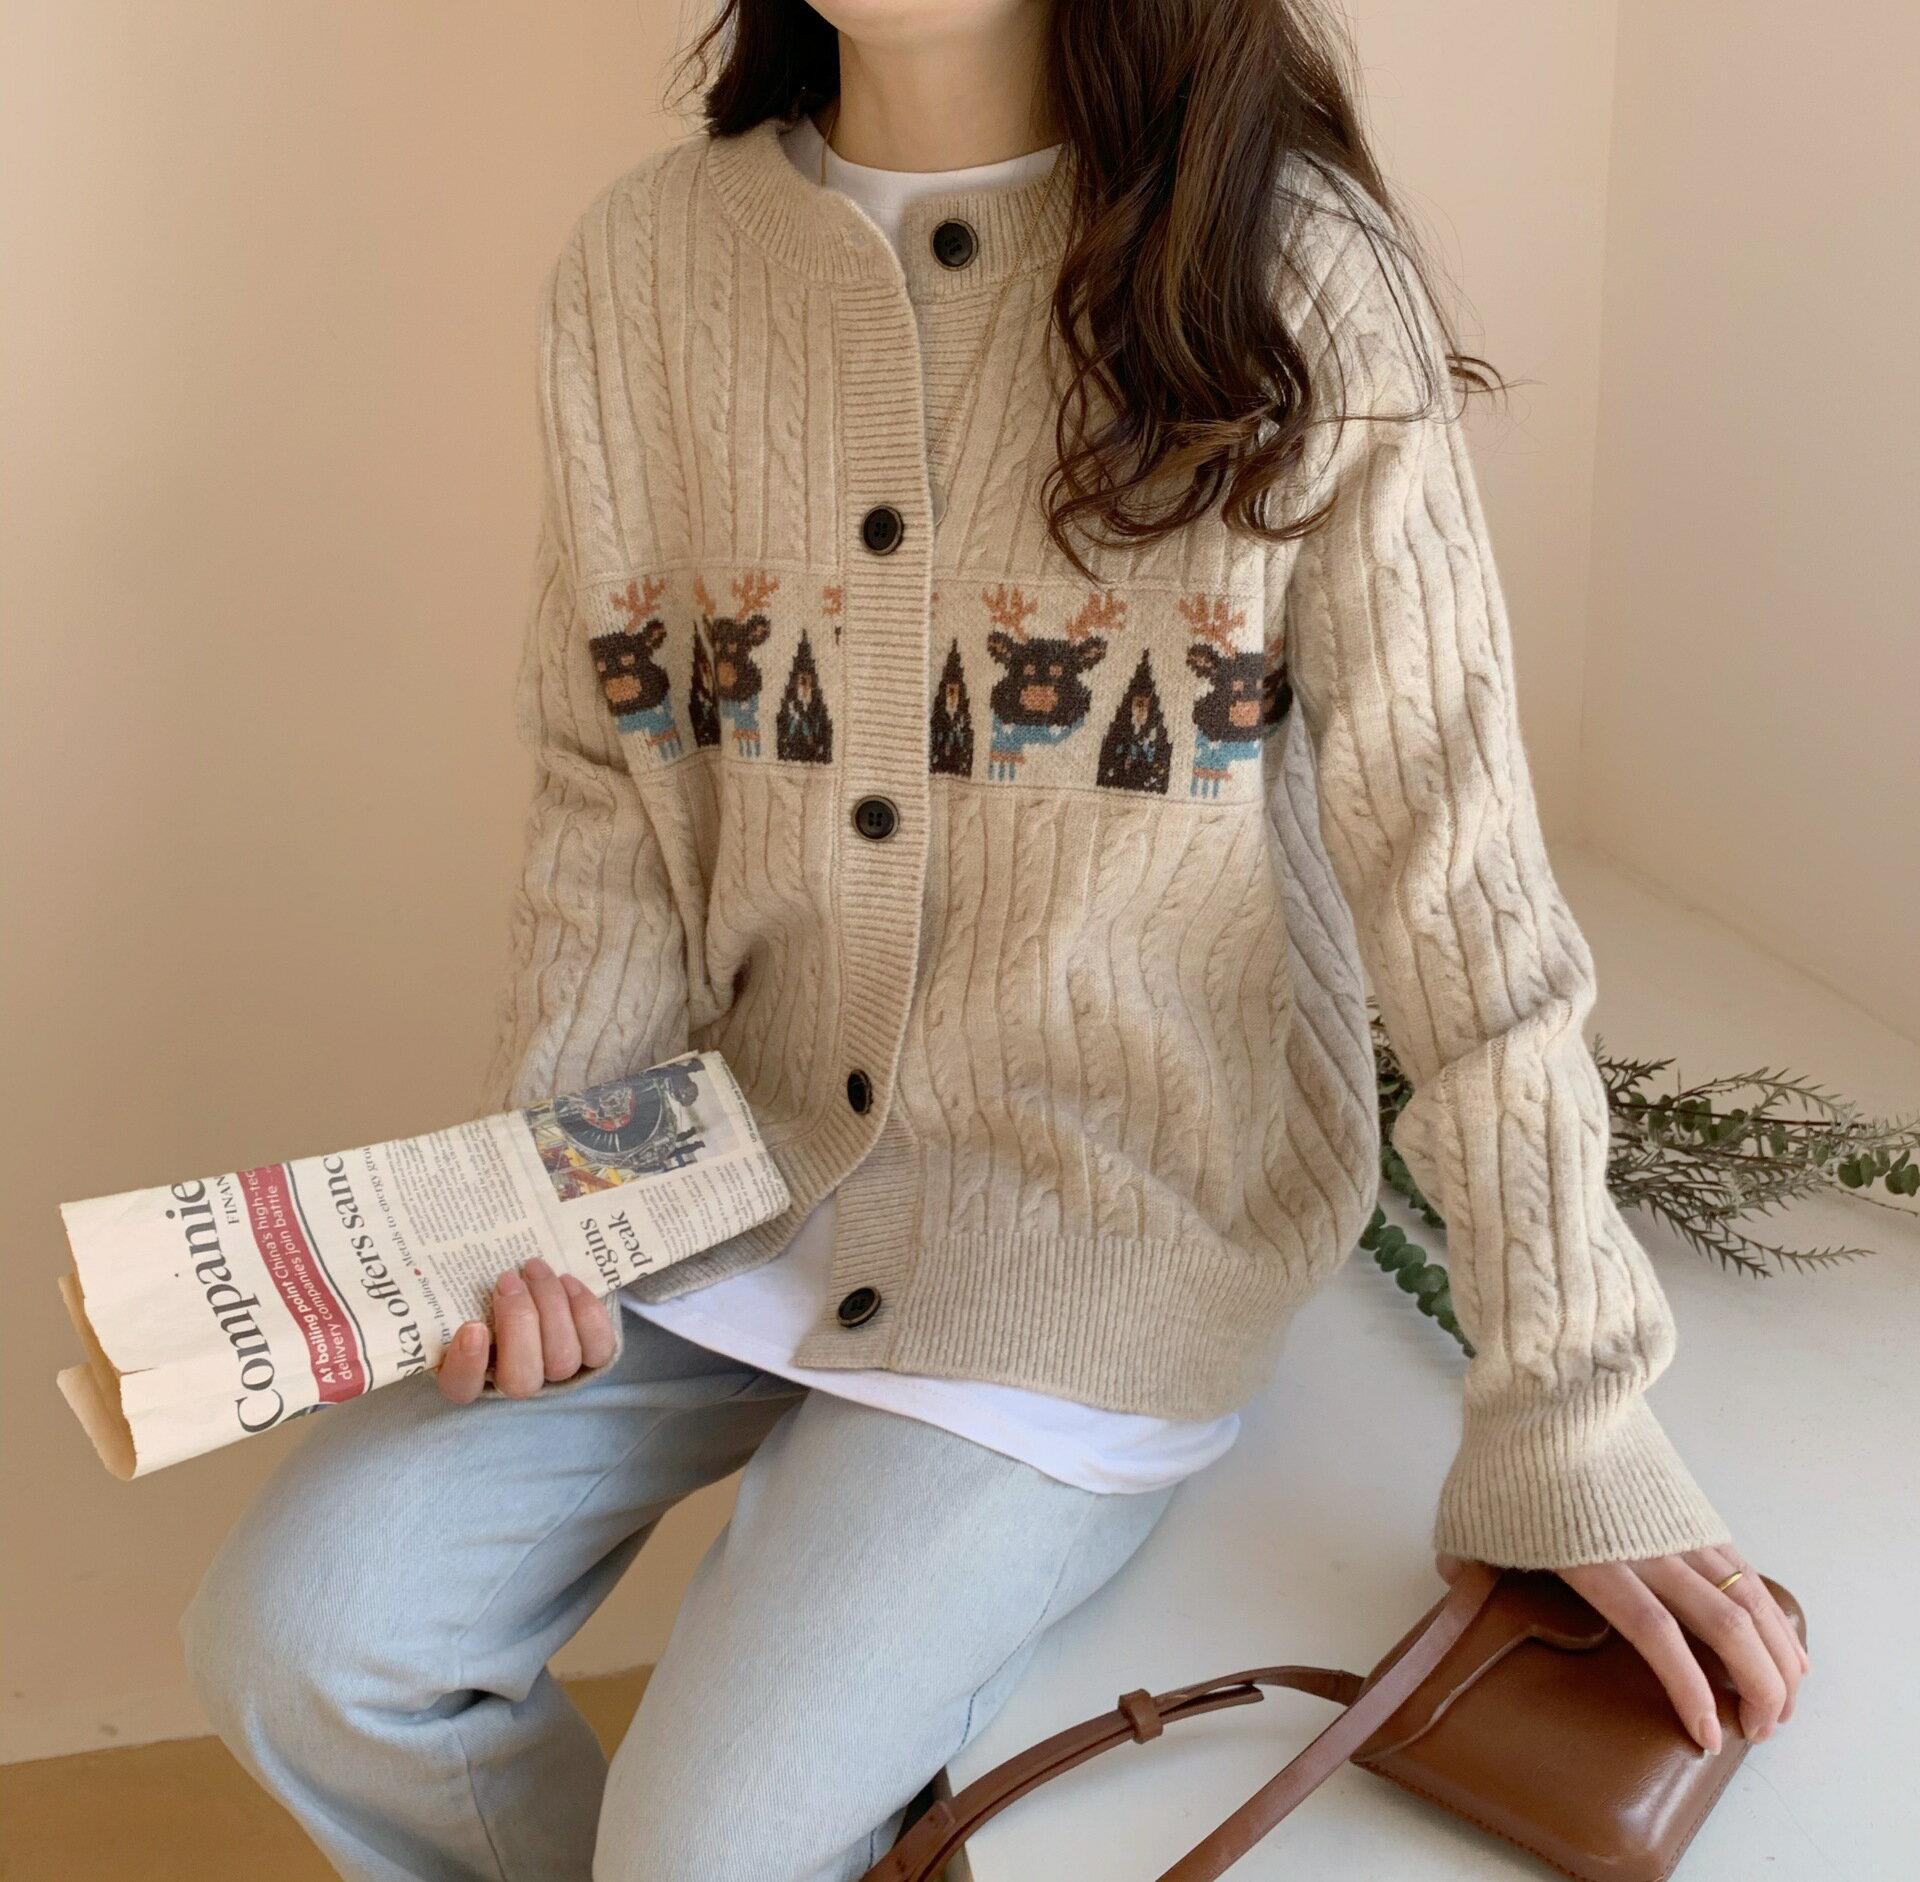 110110麋鹿刺繡提花圓領單排扣長袖毛衣外套女針織衫開衫上衣潮